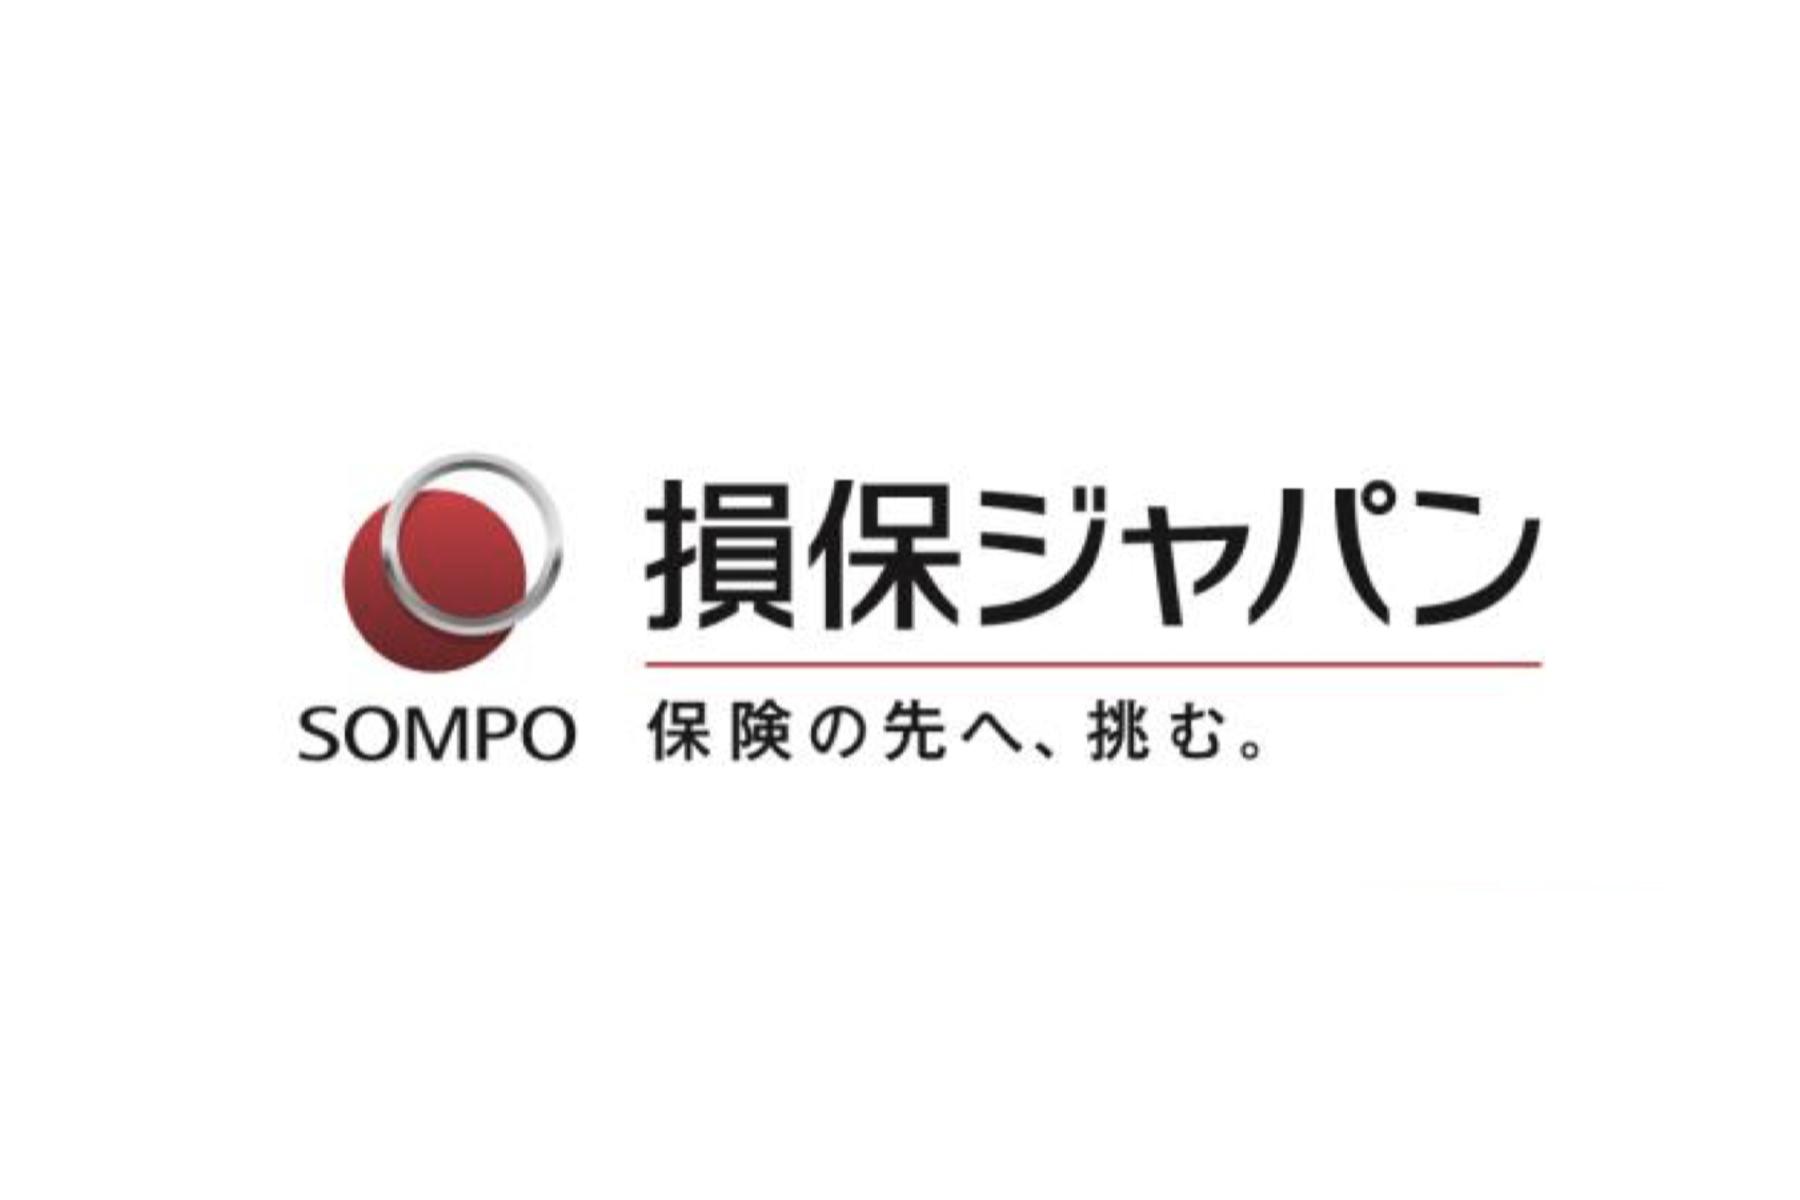 損保ジャパン、有機廃棄物からエネルギーを生成する「サステイナブルエネルギー開発」と業務連携